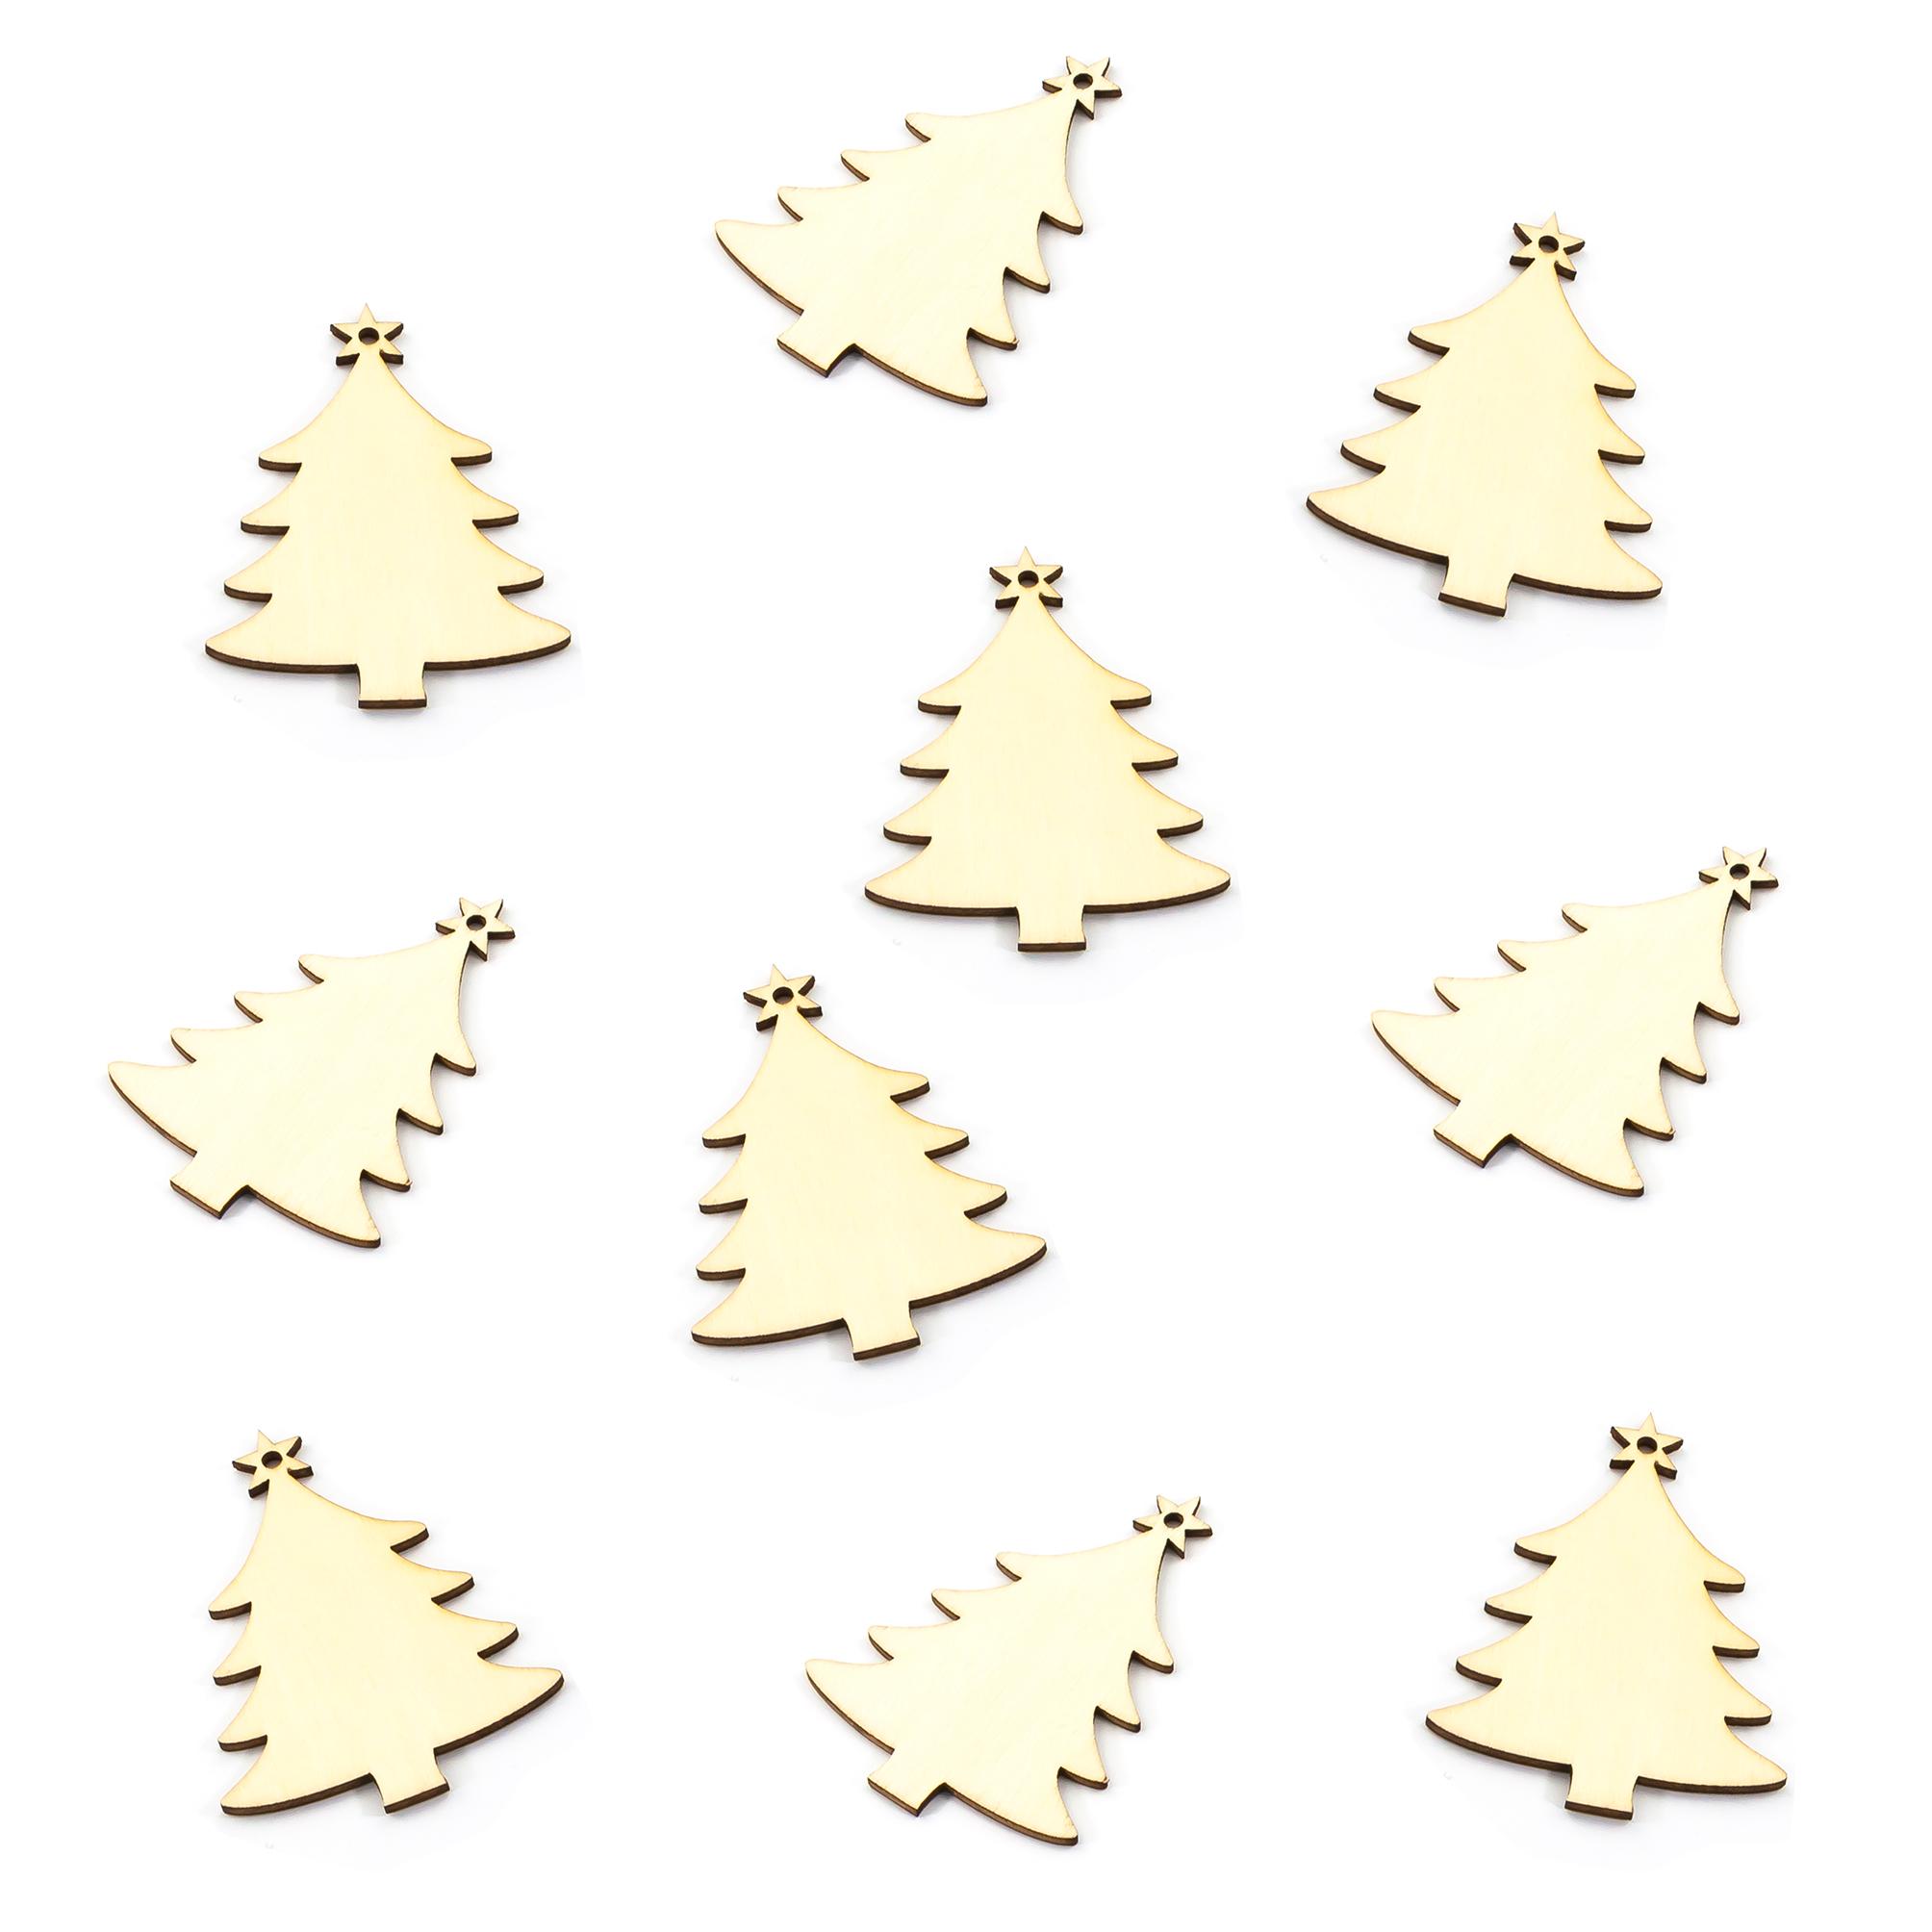 Sterne Für Weihnachtsbaum.Details Zu Holz Anhänger Weihnachten Engel Sterne Stiefel Weihnachtsbaum Wählbar